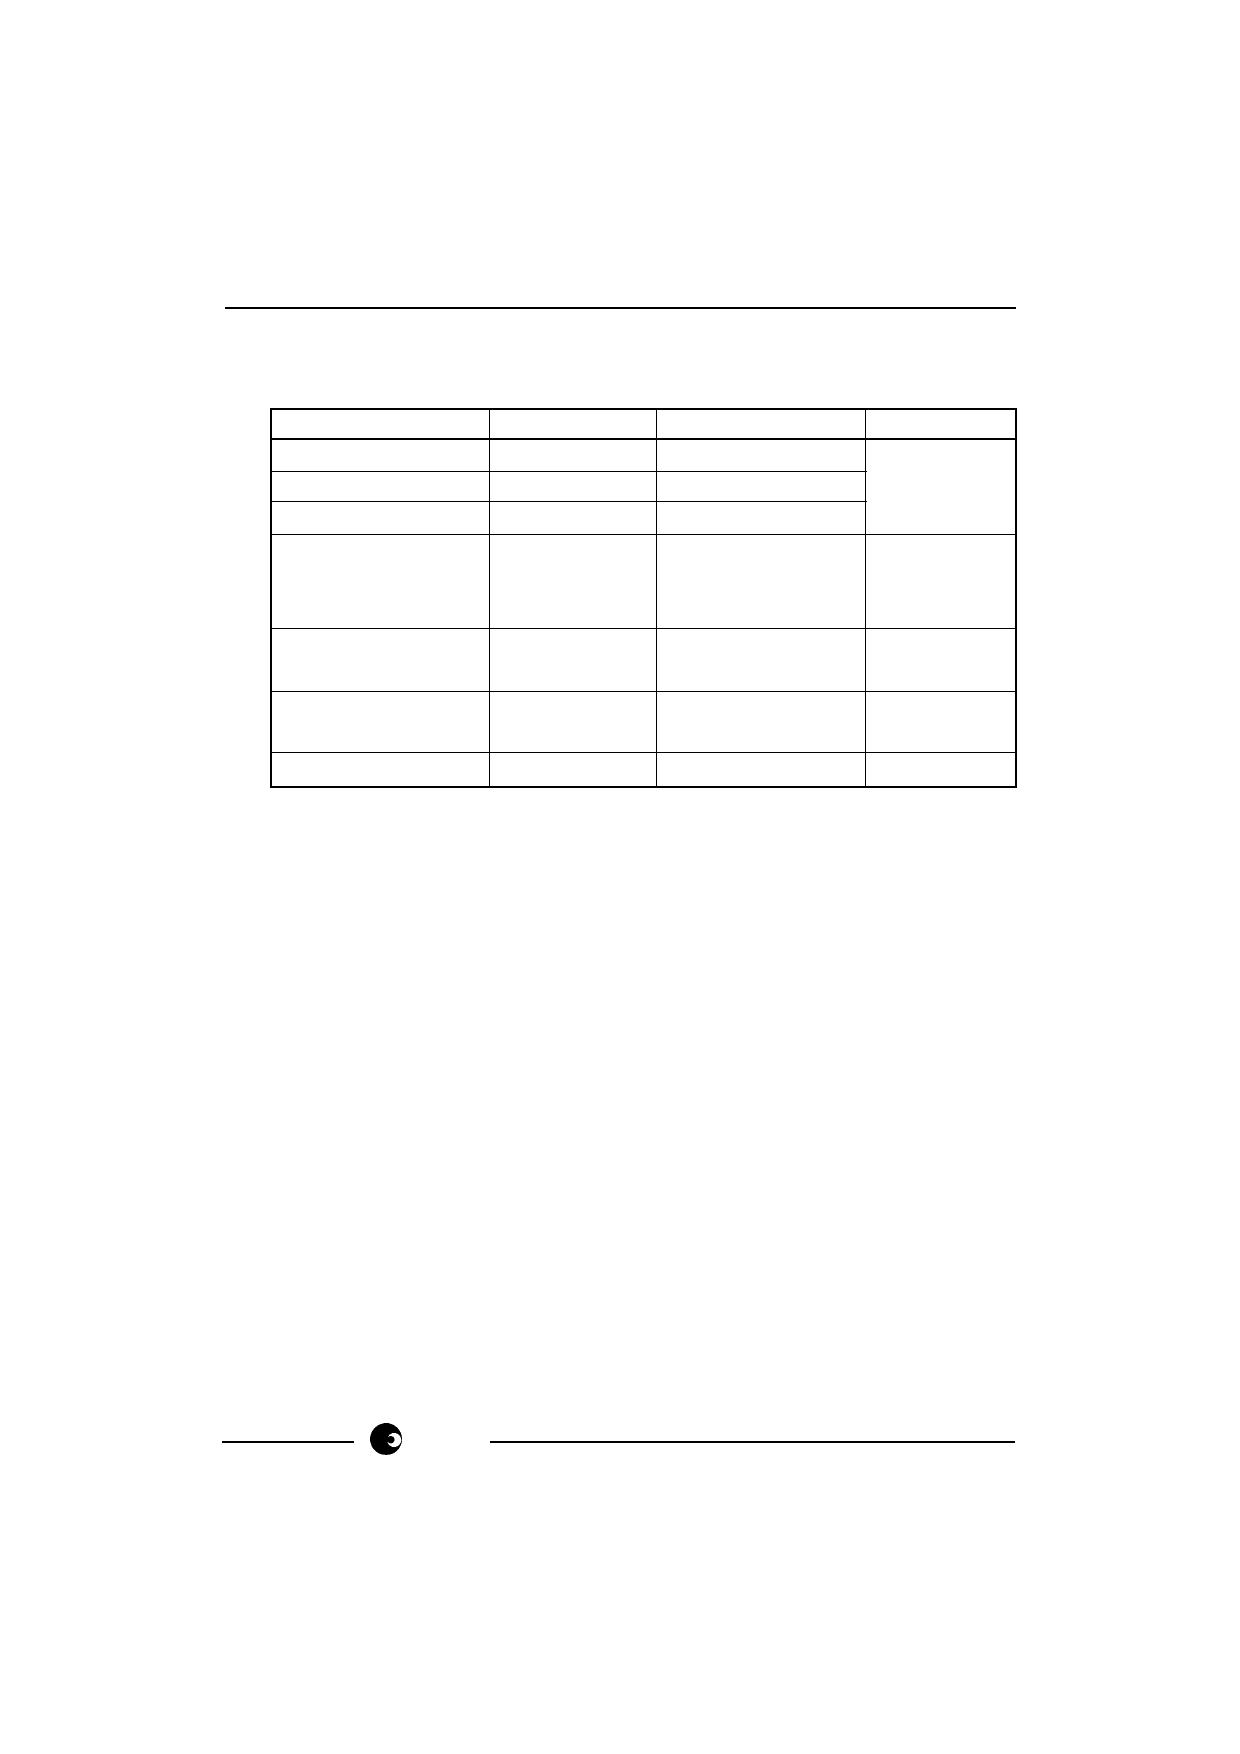 PM9605AP pdf